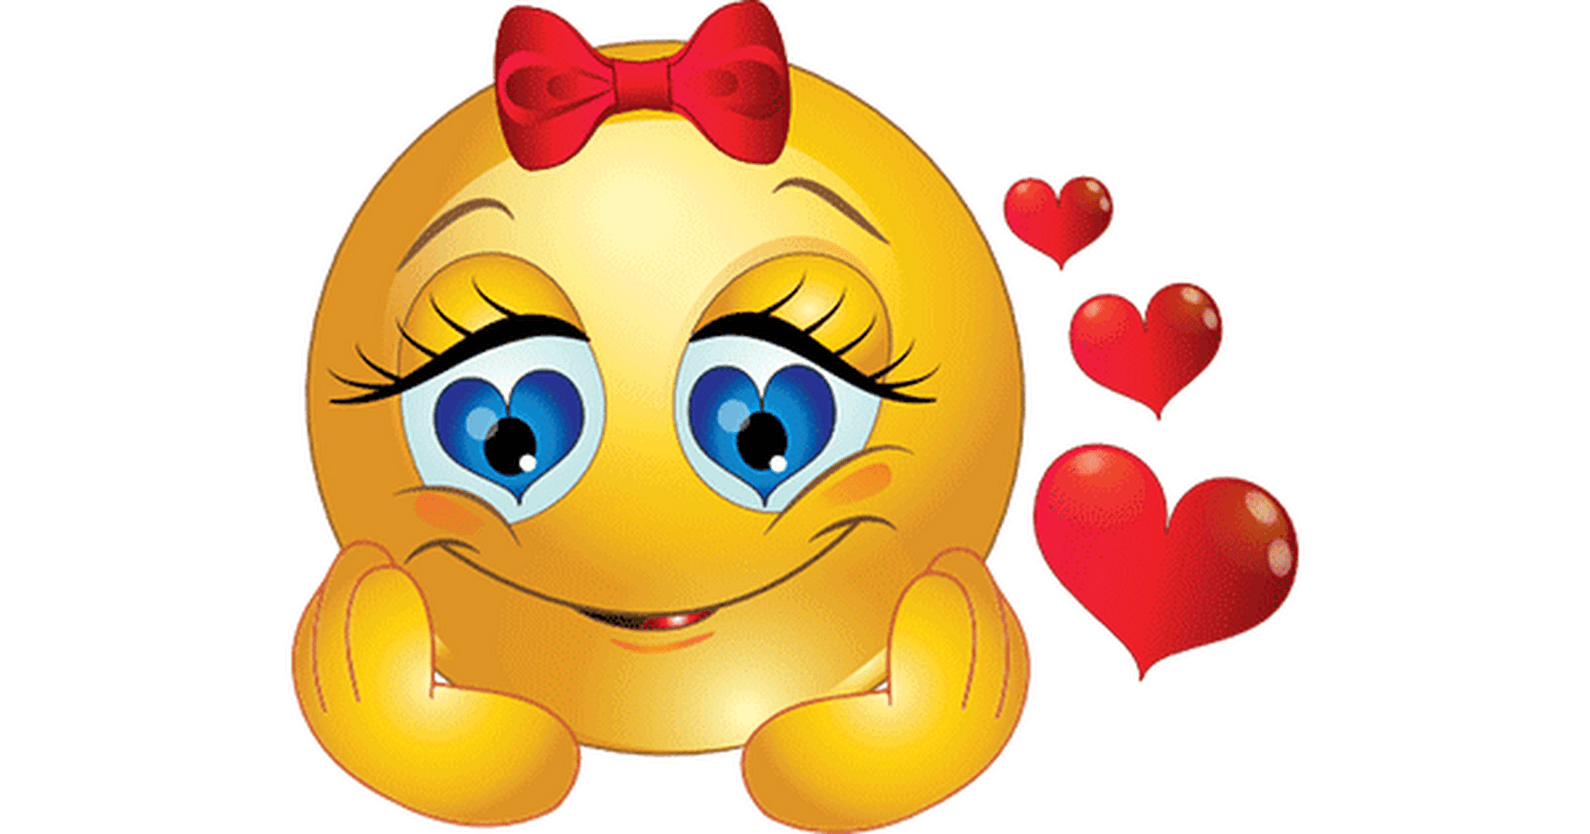 Делаешь приколы, смайлики картинки веселые поцелуйчики